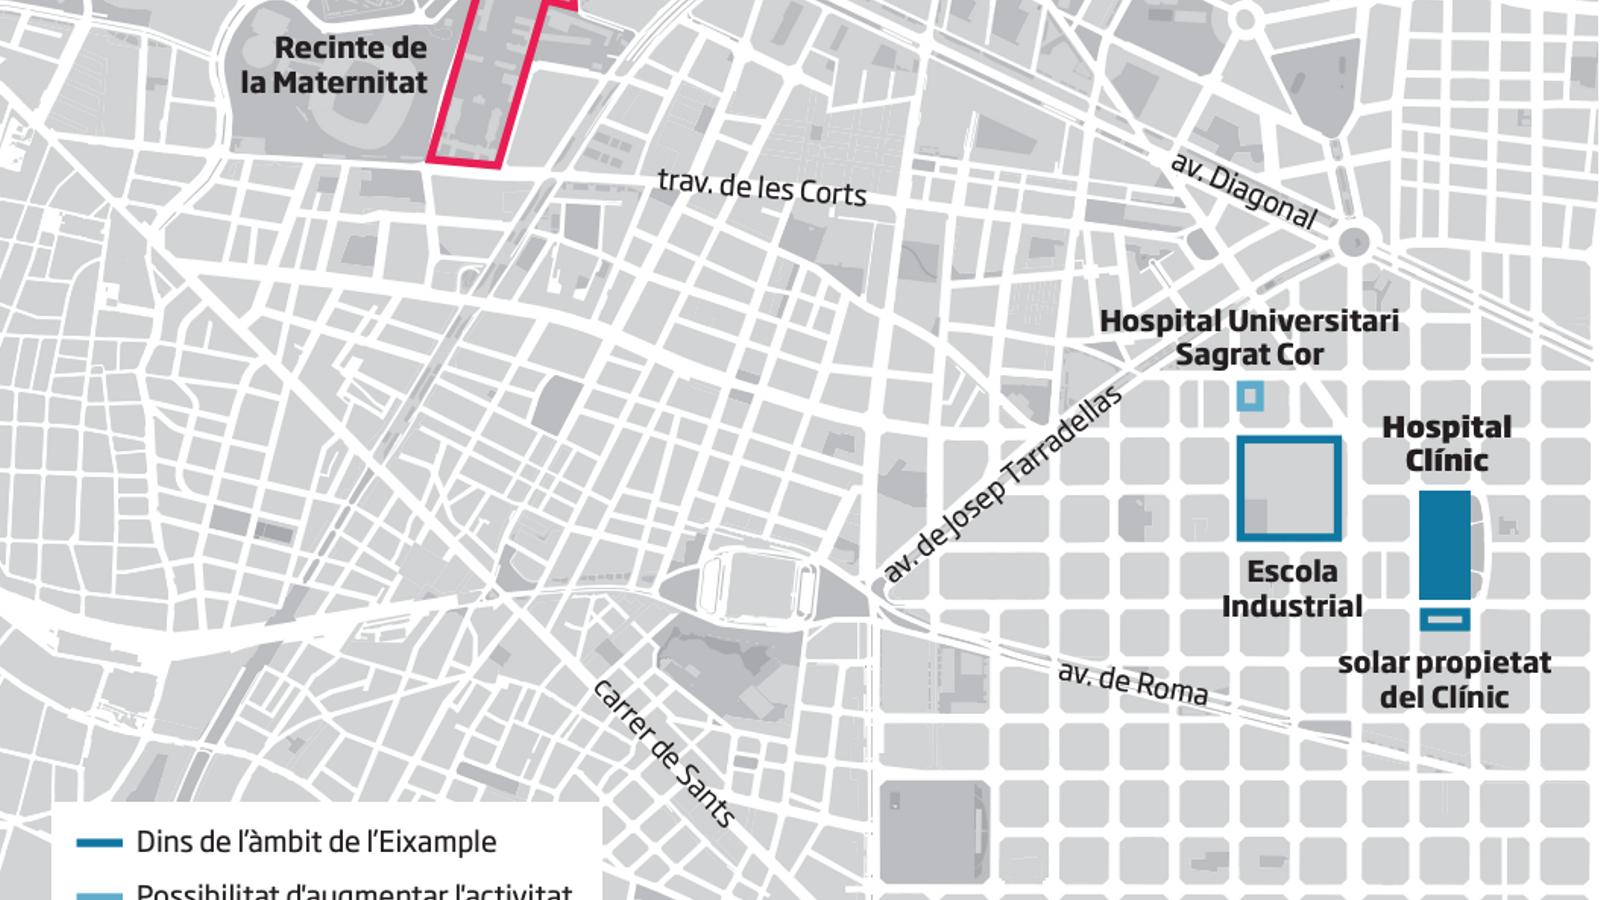 Barcelona descarta un gran edifici per al Clínic a l'Escola Industrial